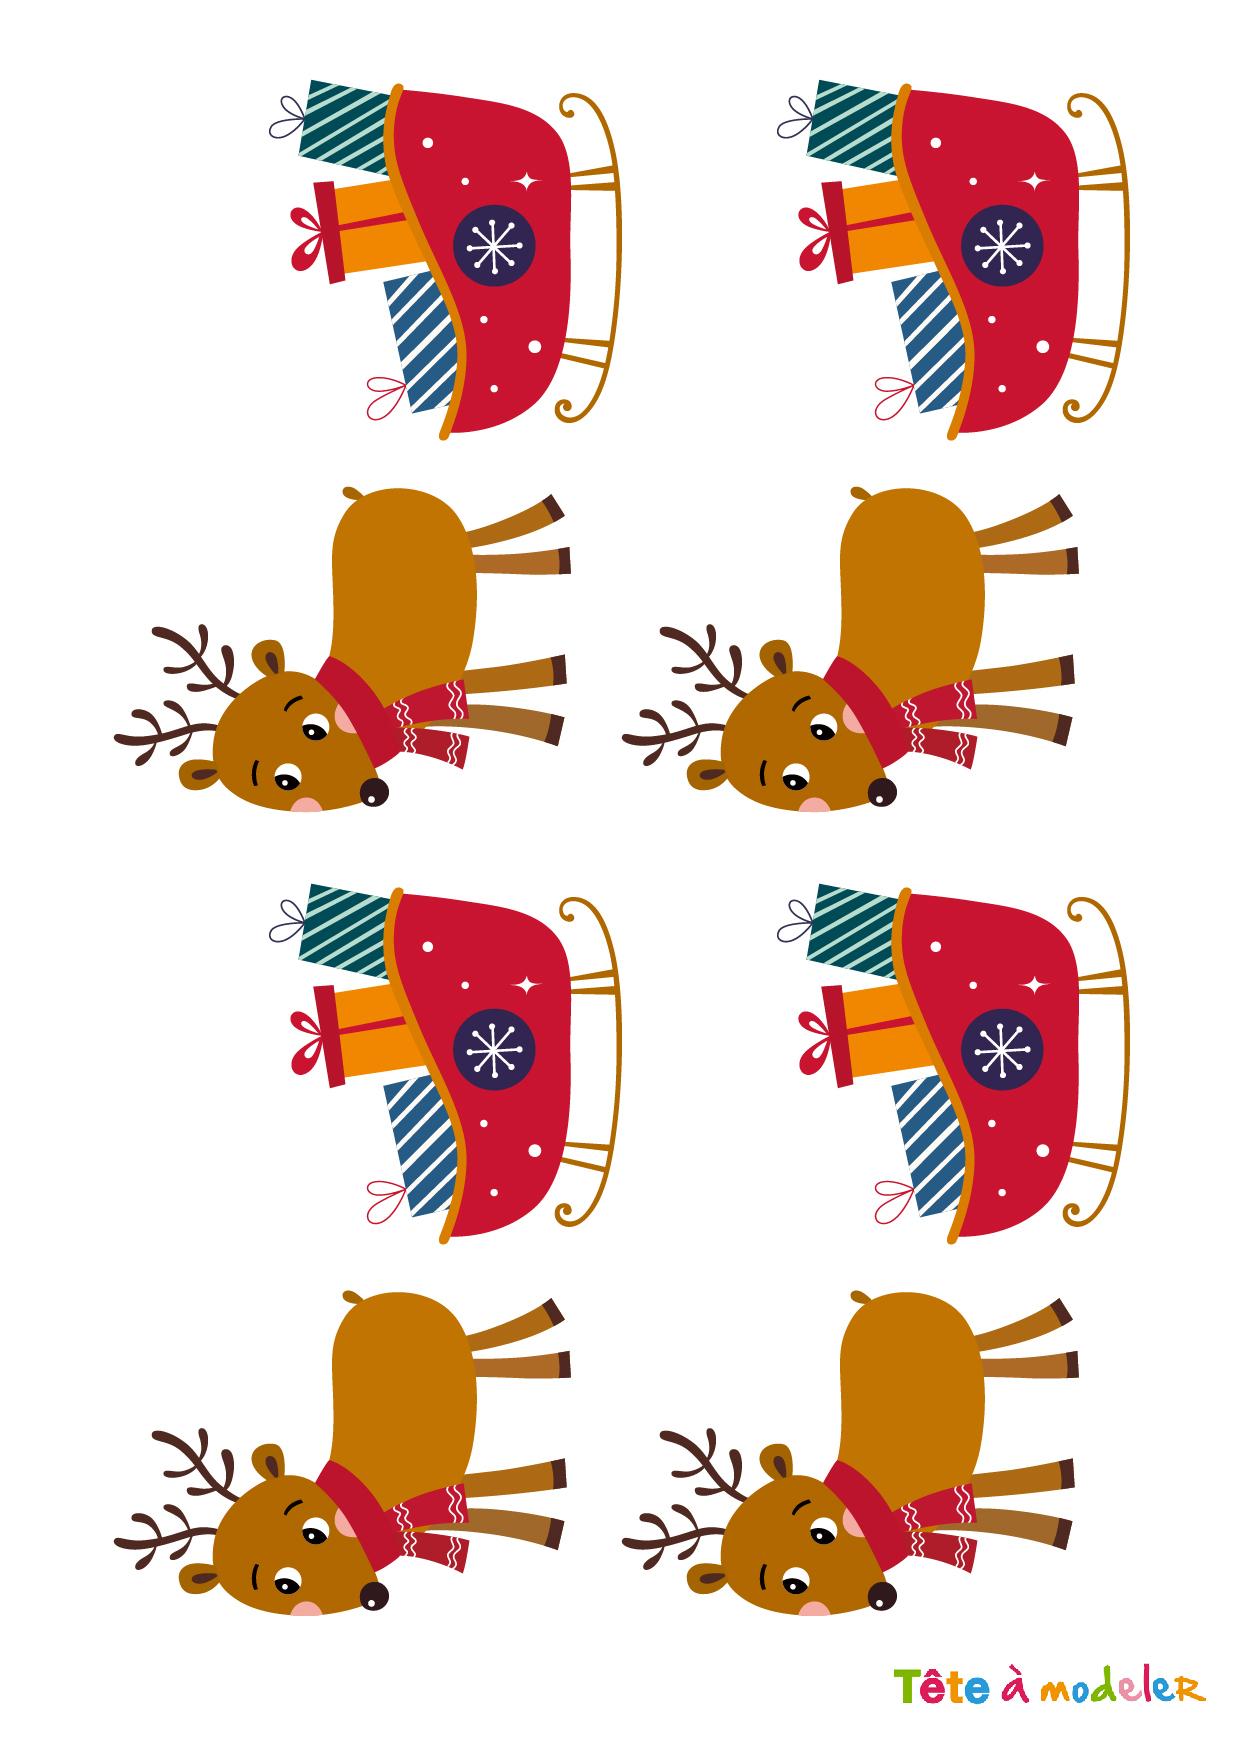 Image De Noel : Planche Images Petits Peres Noel - Noel Tete à Musique Du Père Noël